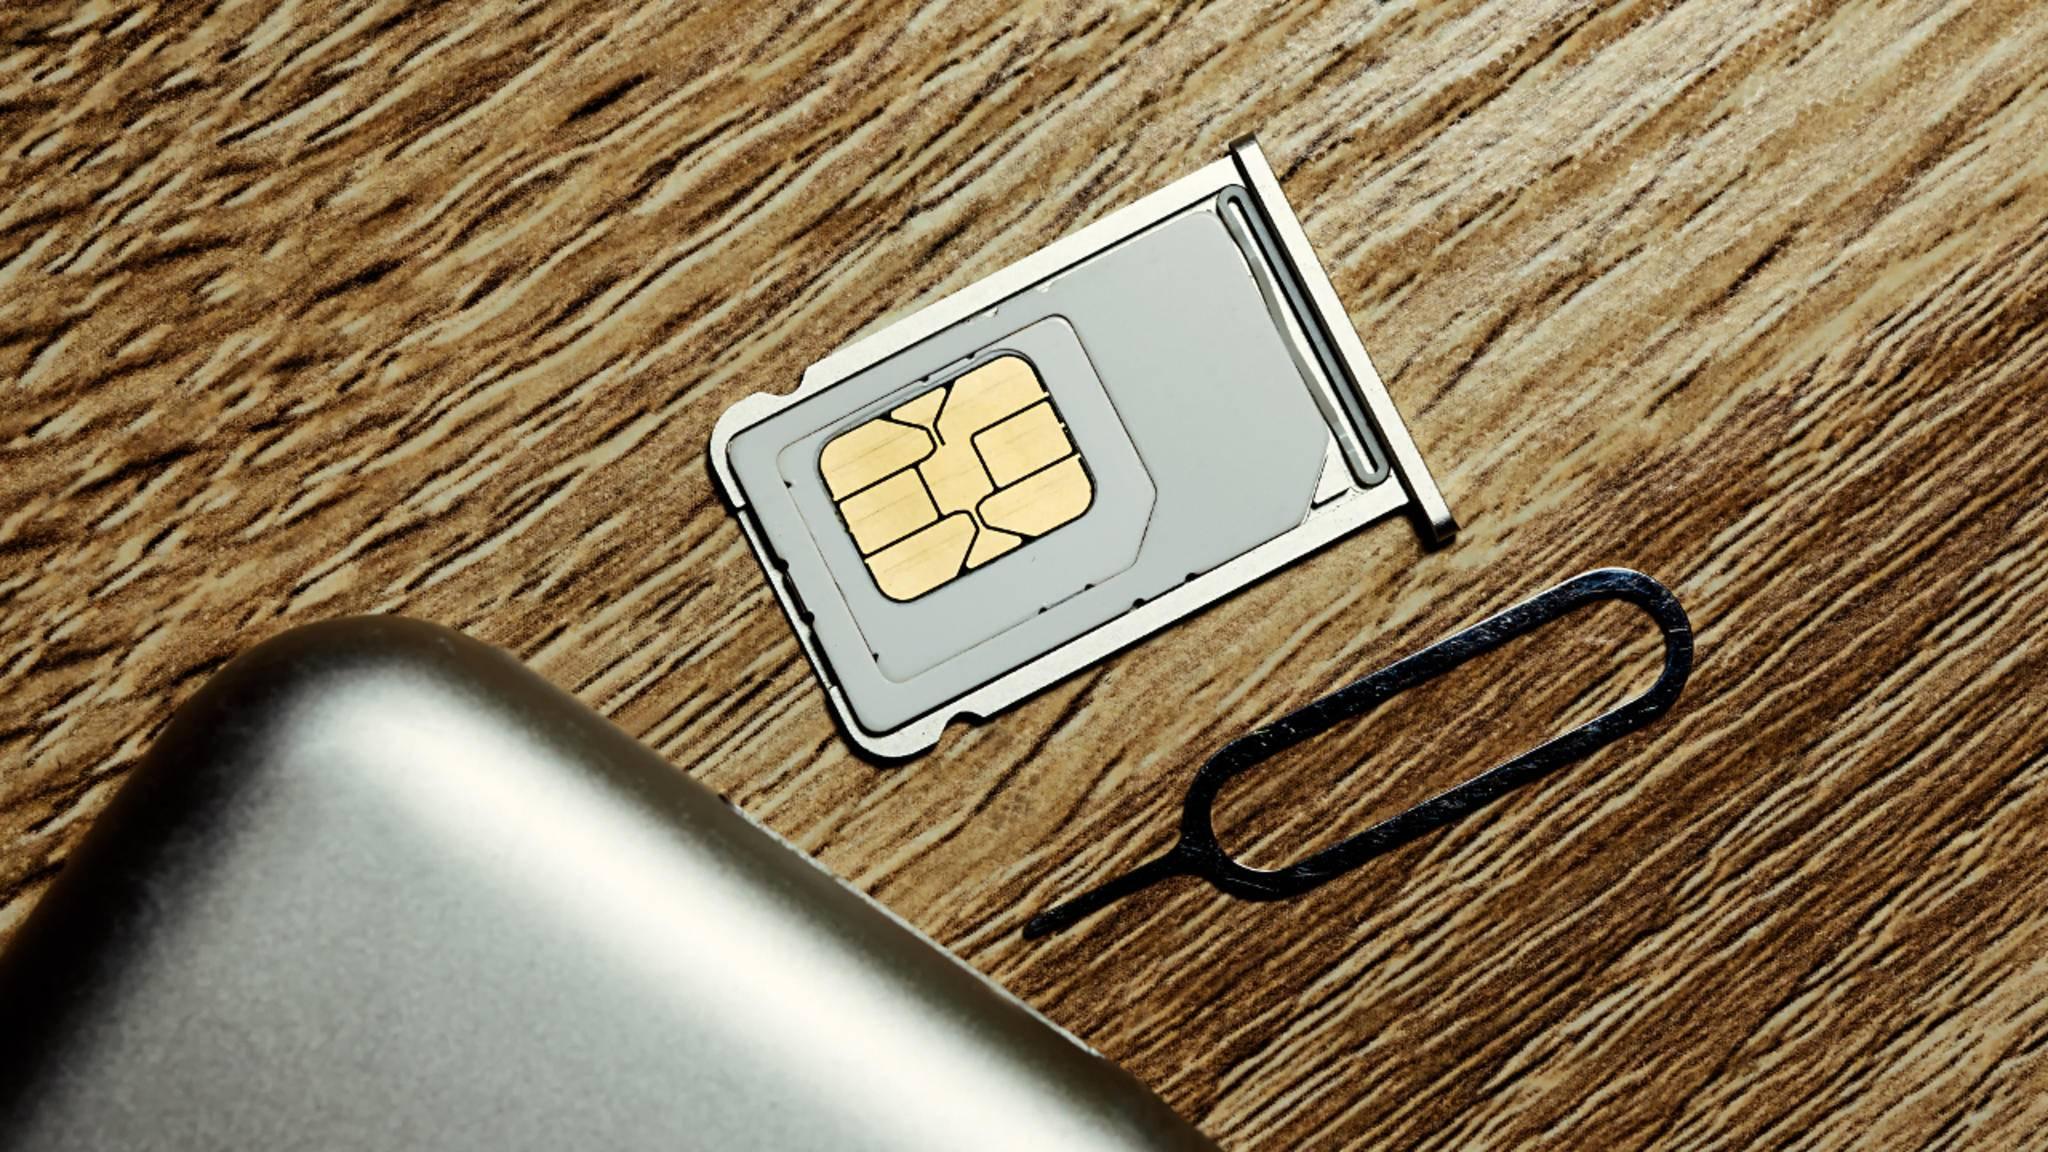 Wie kommt man ohne Werkzeug an die SIM-Karte? Mit vielen Alltagsgegenständen!